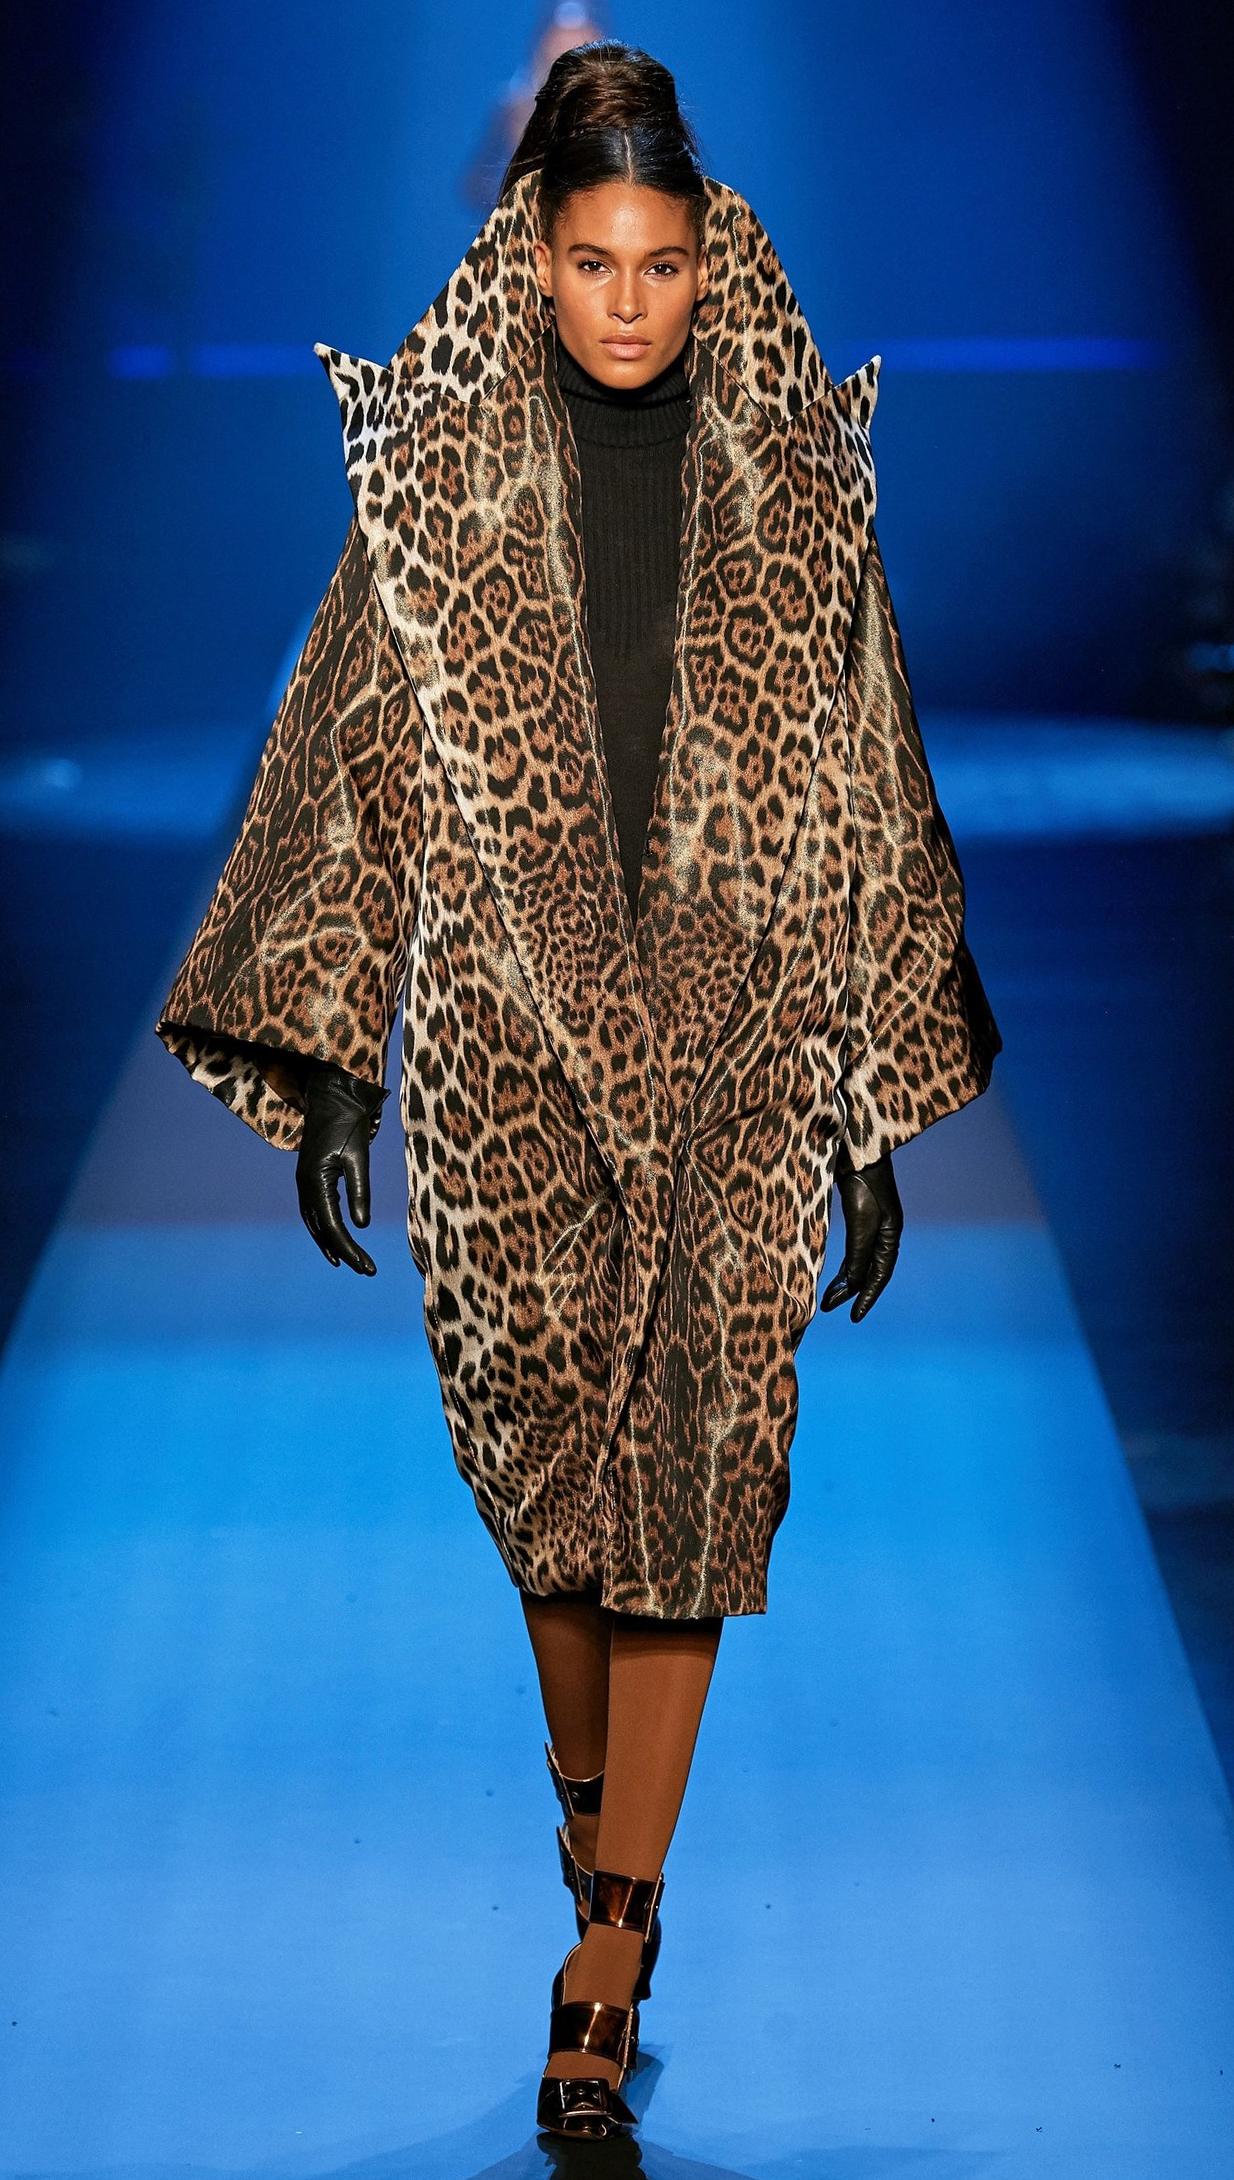 Jean Paul Gaultier haute couture 2019-2020